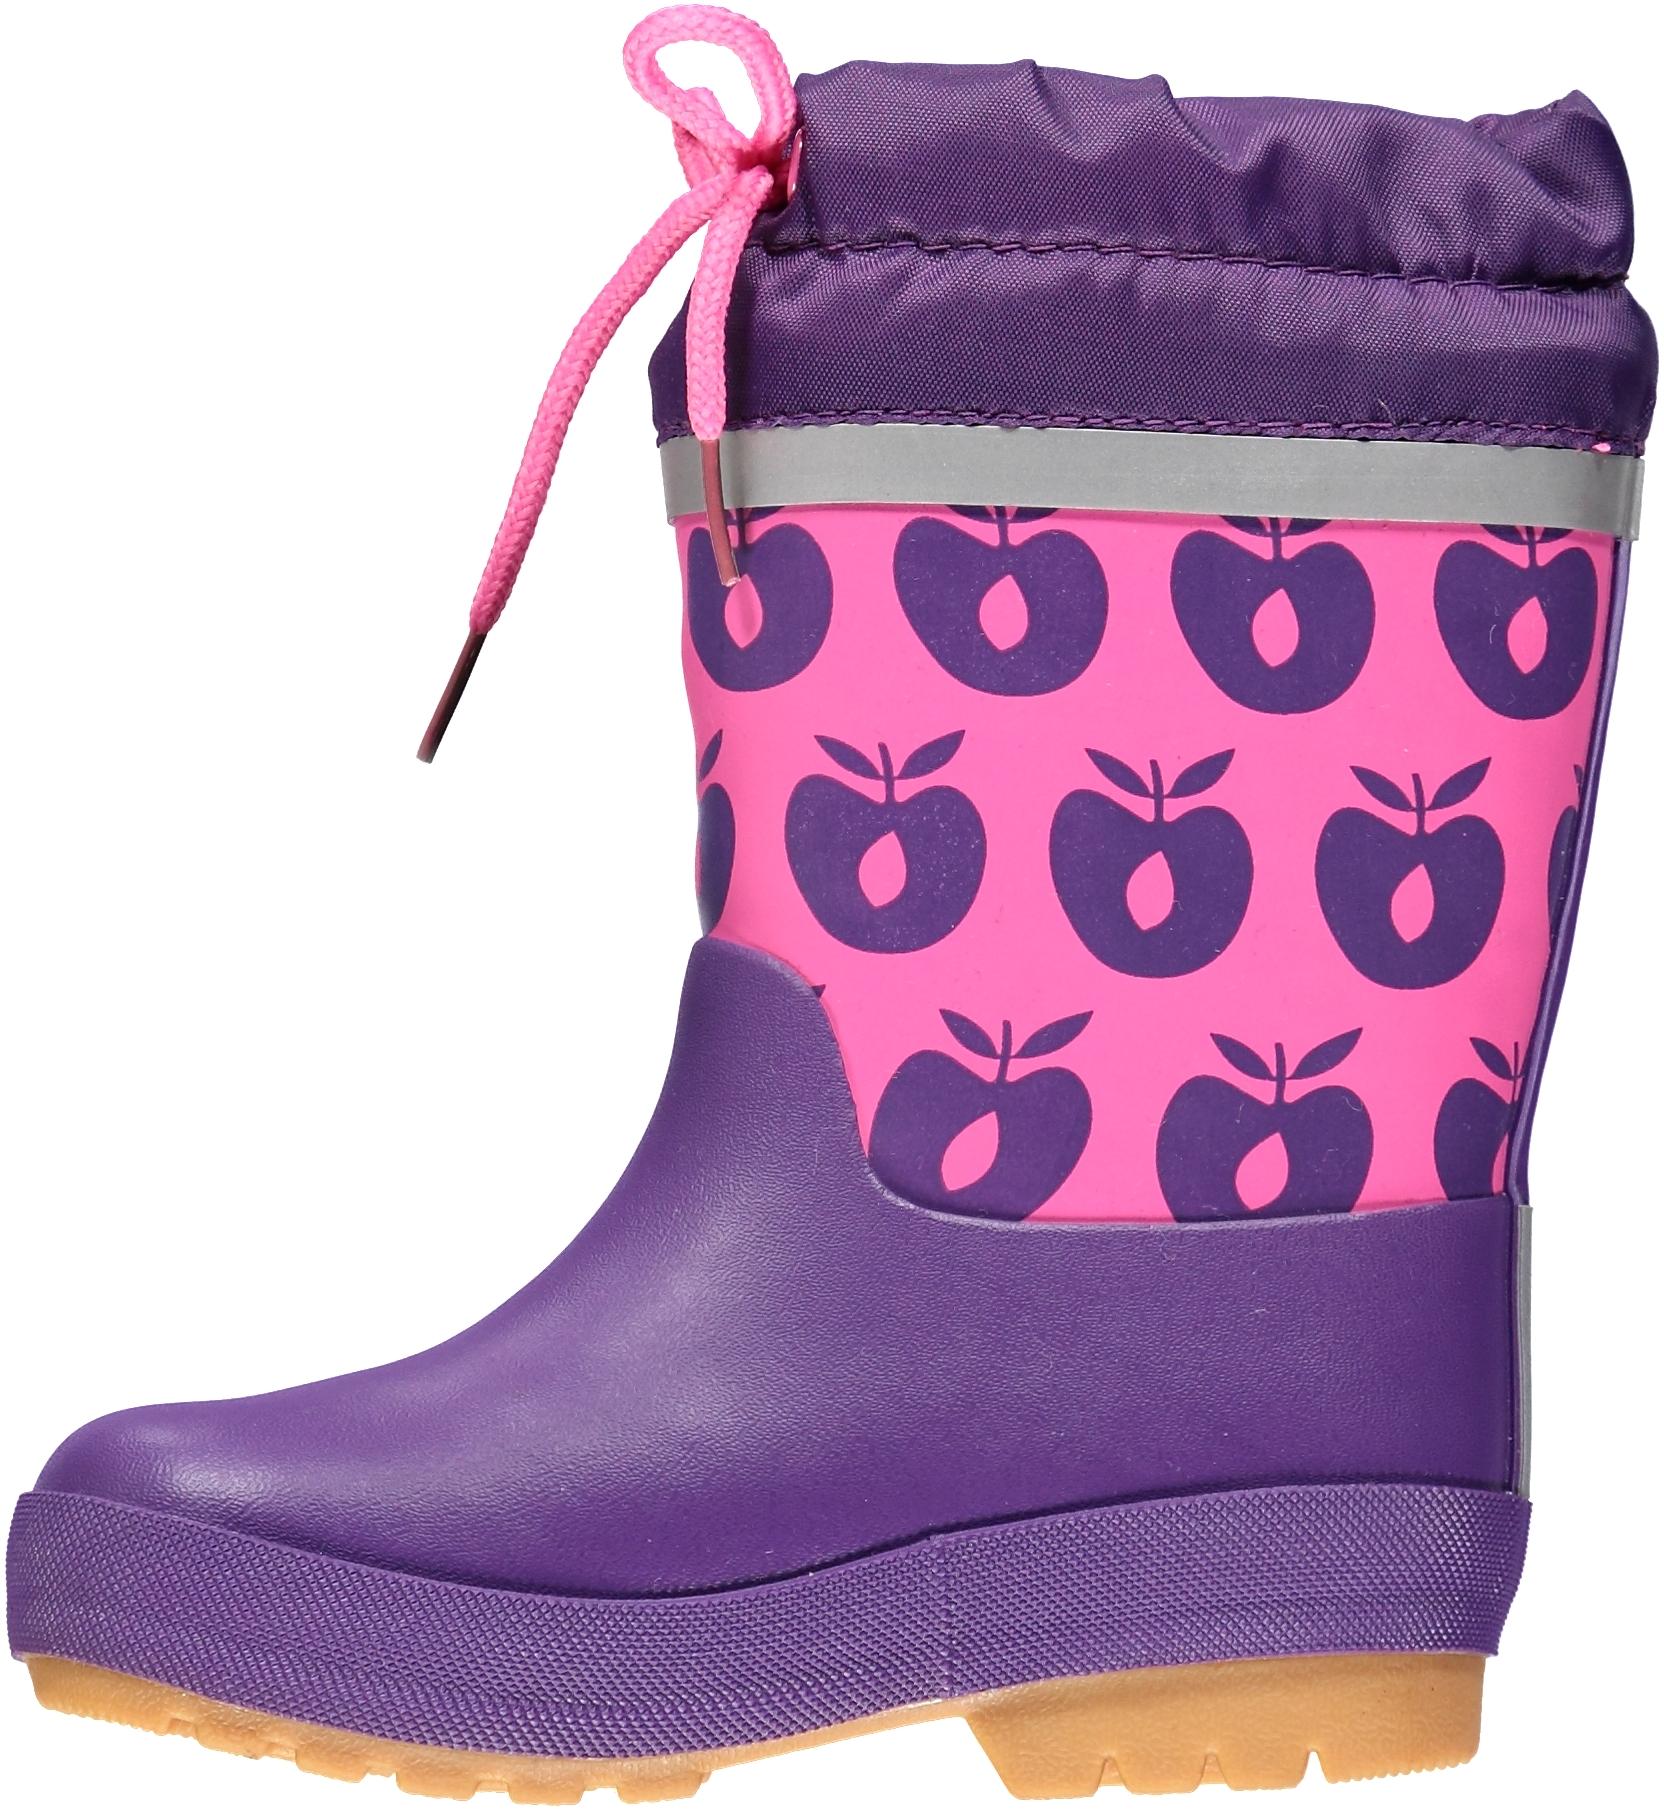 Vinter gummistøvler i lilla og pink med småfolk æbler - Al børnetøj - IsaDisaKids